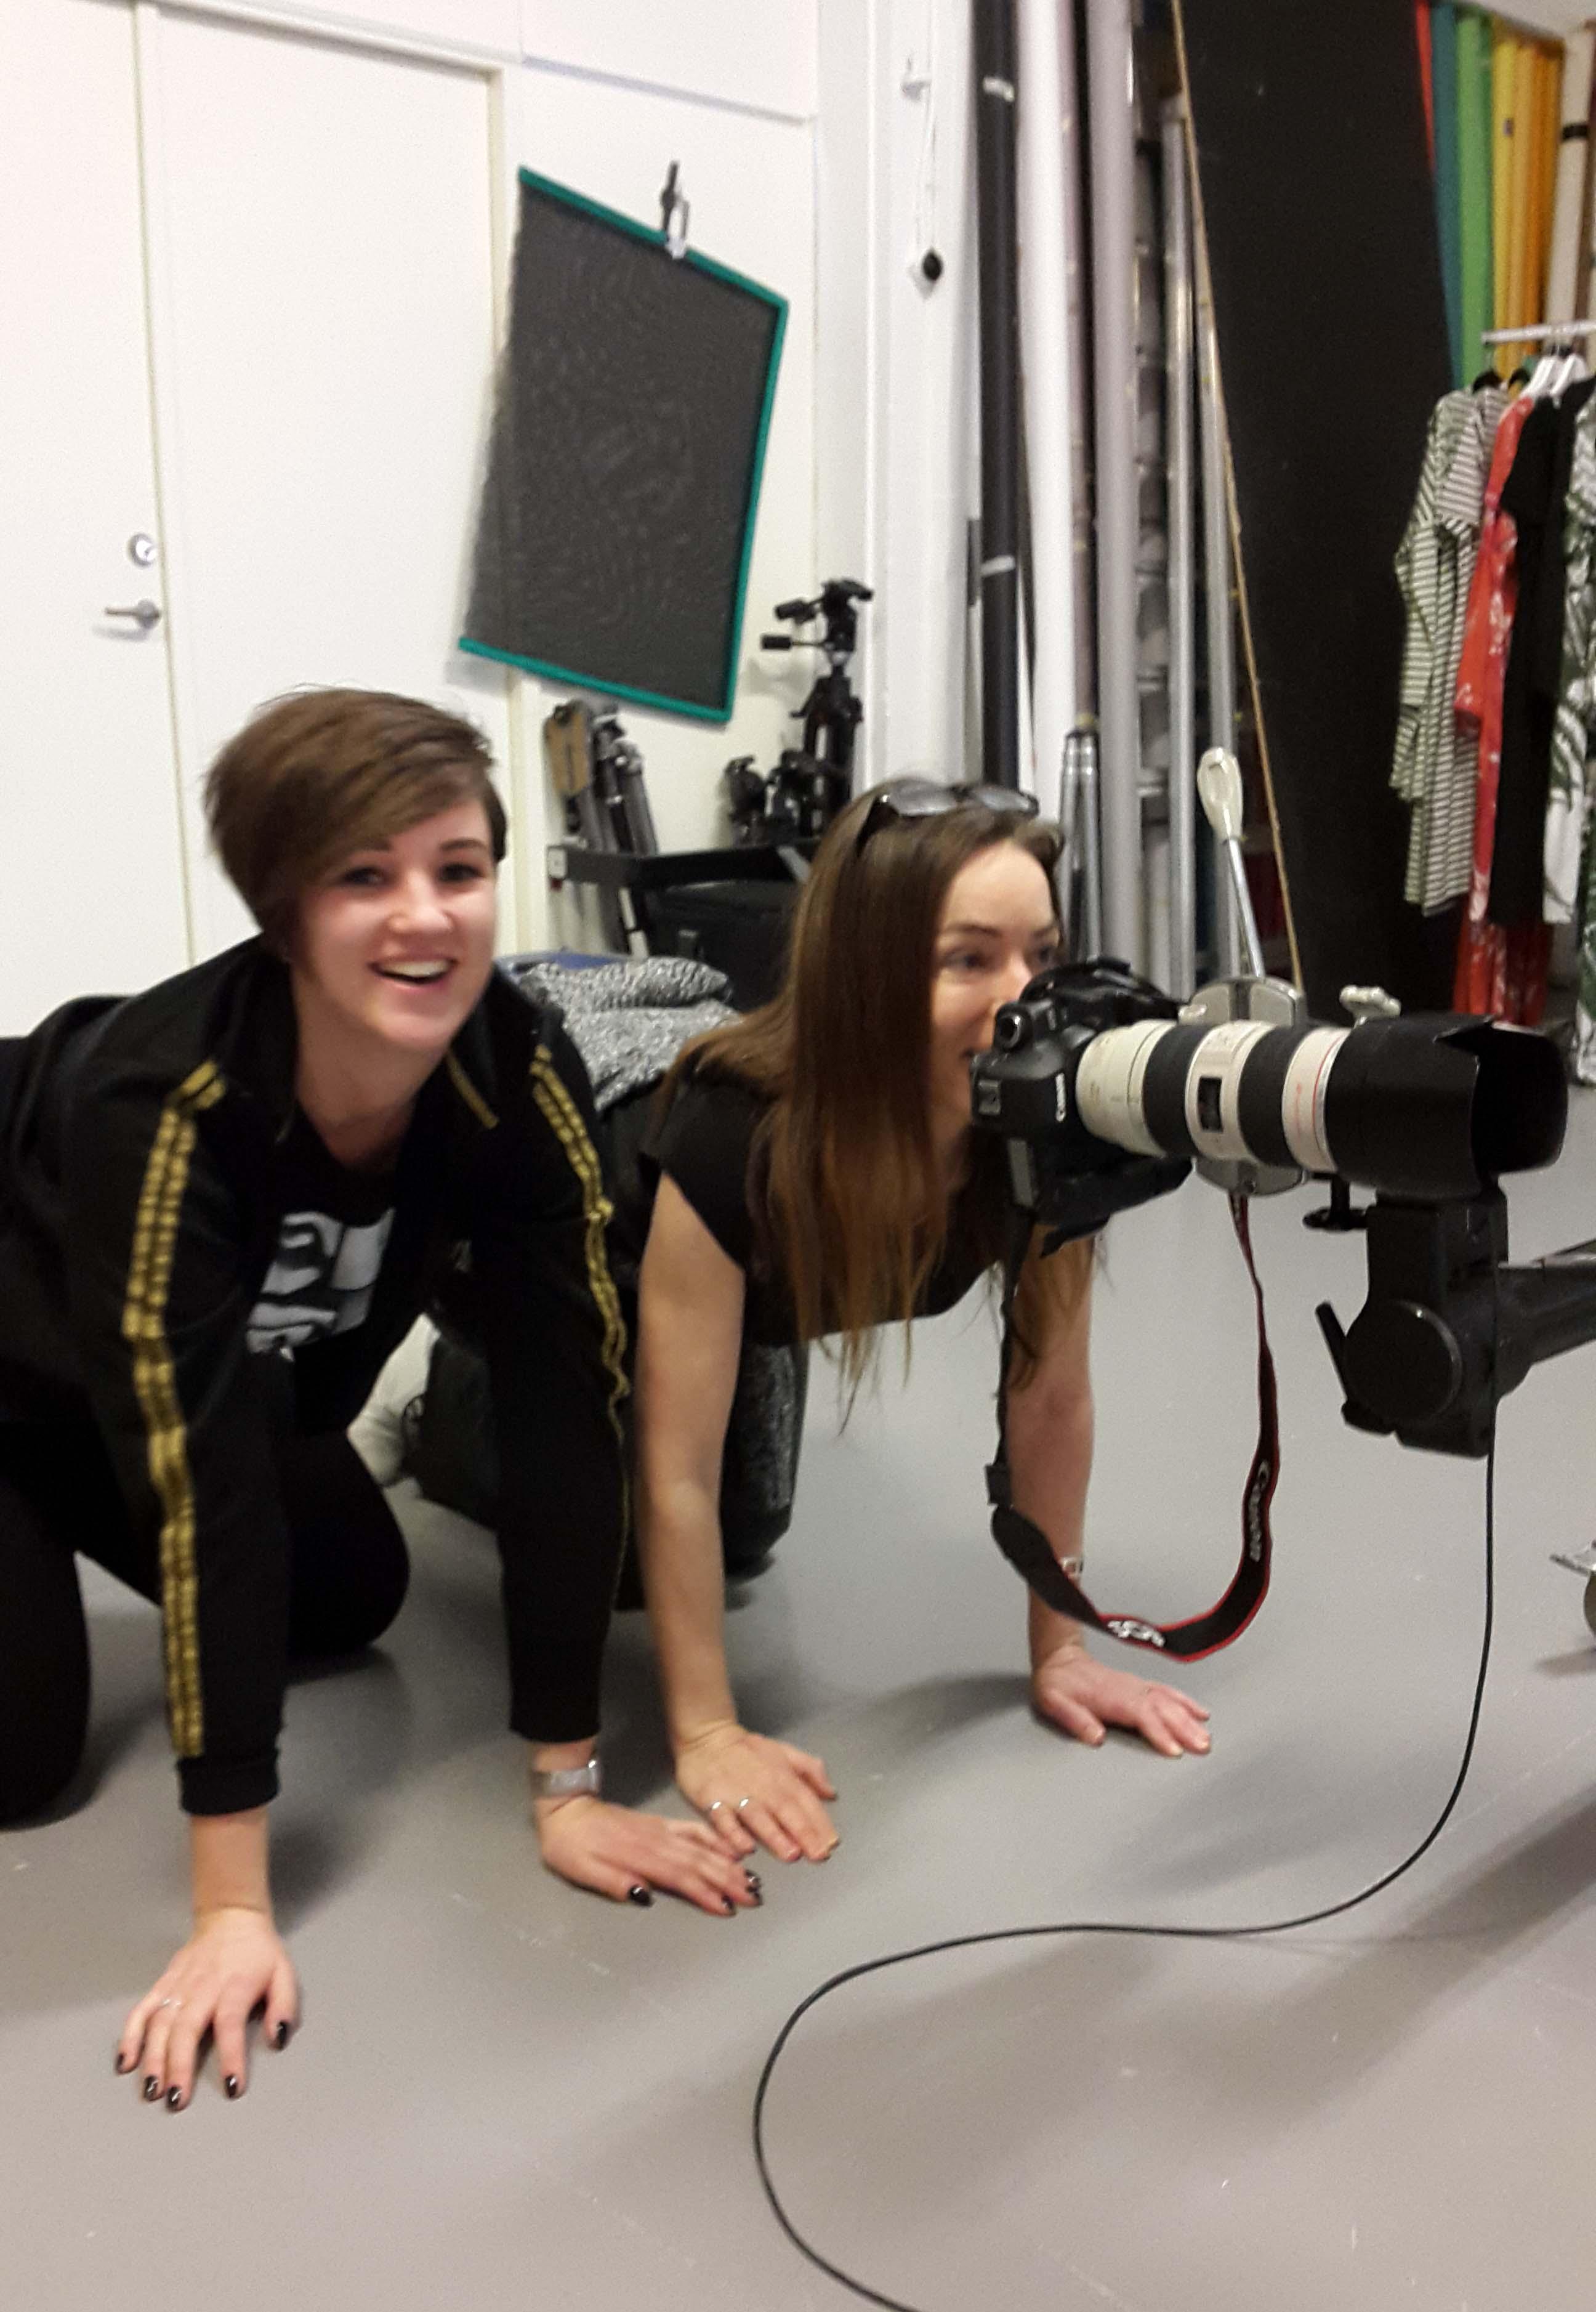 Fanny och fotograf Camilla provar nya perspektiv. Underifrån blir bra!